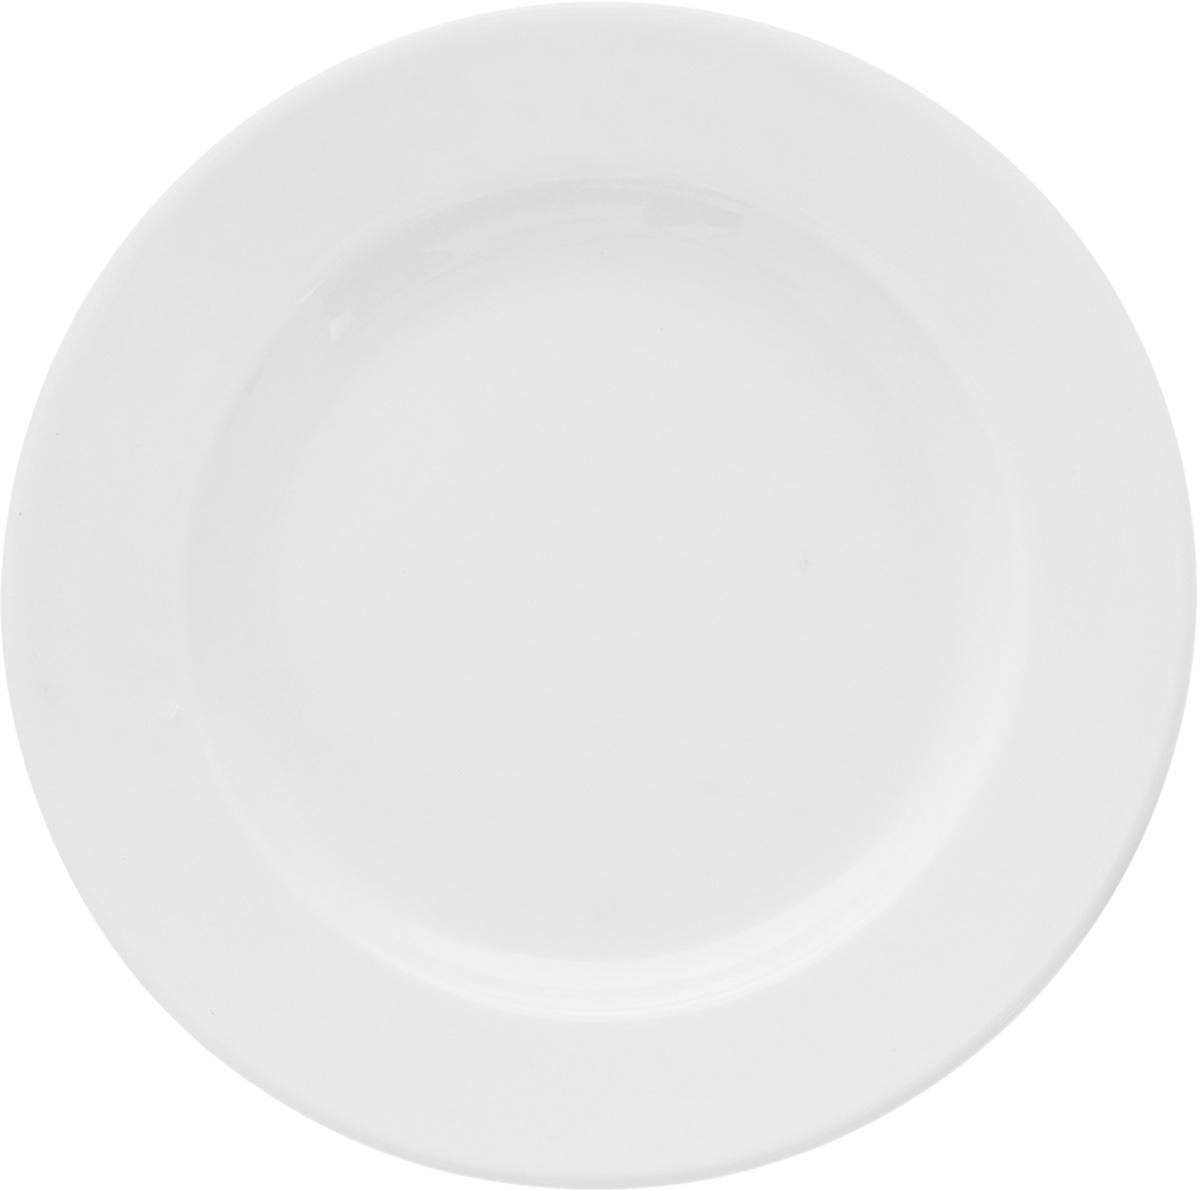 Тарелка мелкая Ariane Прайм, диаметр 14,5 см115510Мелкая тарелка Ariane Прайм, изготовленная из высококачественного фарфора, имеет классическую круглую форму. Такая тарелка прекрасно подходит как для торжественных случаев, так и для повседневного использования. Идеальна для подачи десертов, пирожных, тортов и многого другого. Она прекрасно оформит стол и станет отличным дополнением к вашей коллекции кухонной посуды.Можно мыть в посудомоечной машине и использовать в микроволновой печи. Высота: 2 см.Диаметр тарелки: 14,5 см.